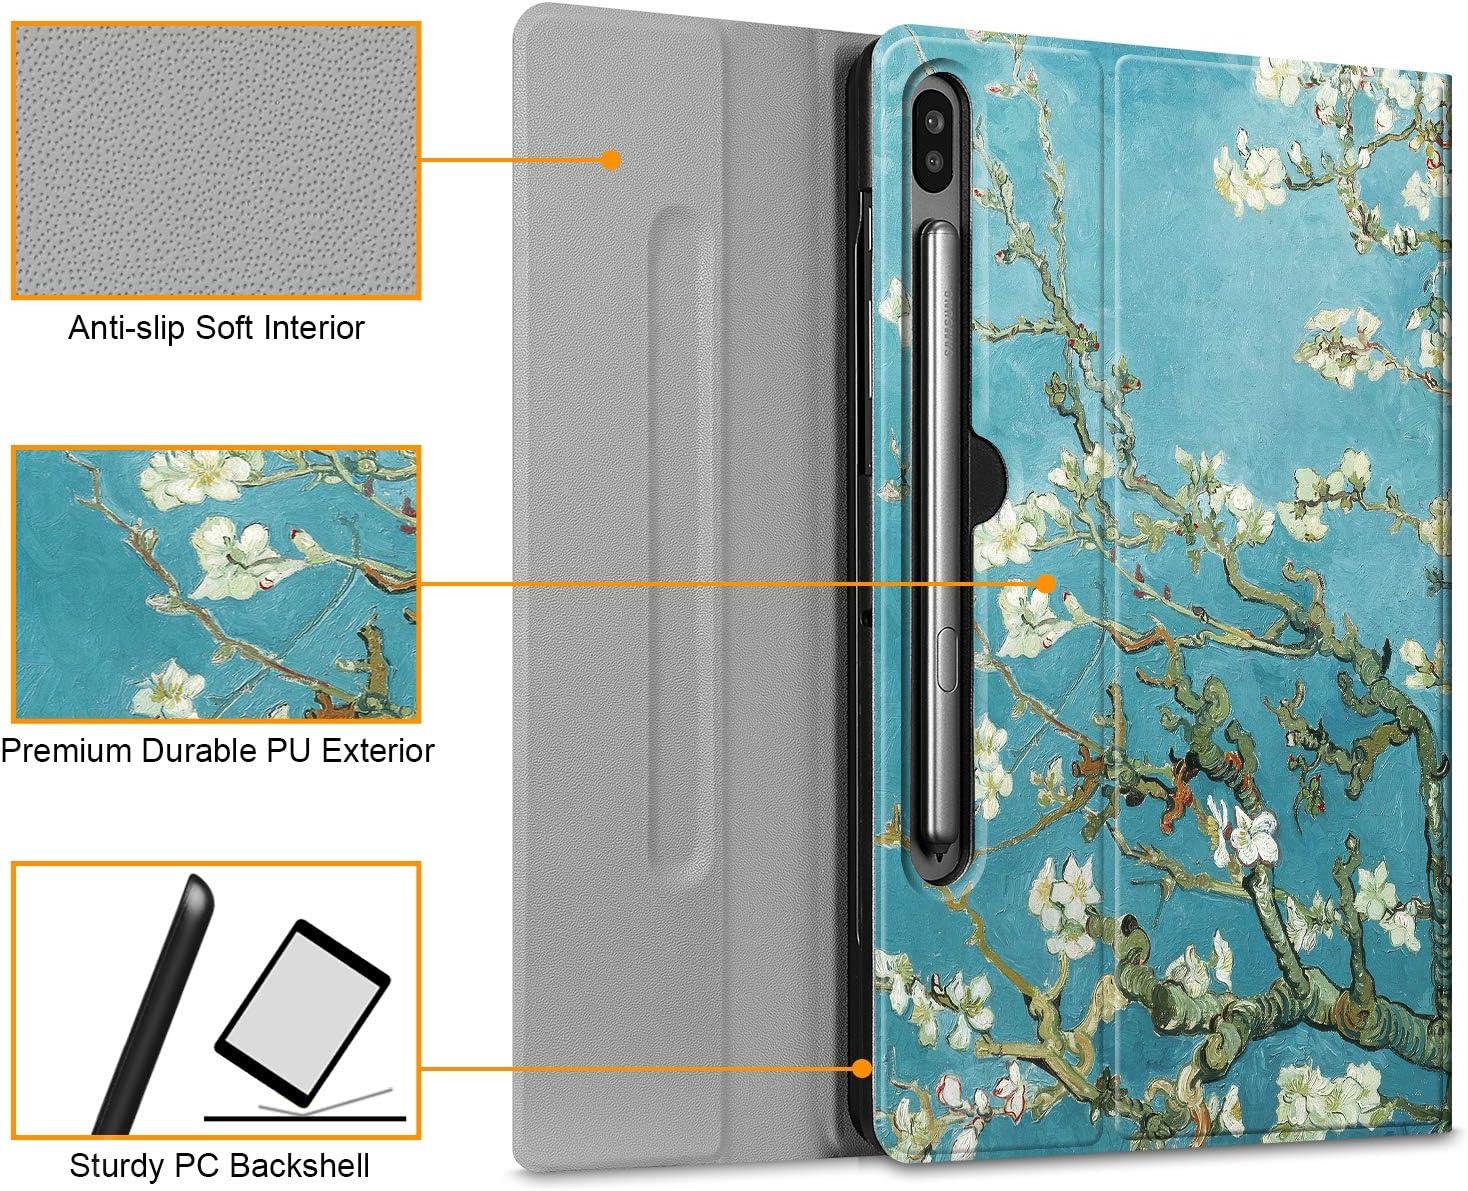 Schwarz Fintie Tastatur H/ülle f/ür Samsung Galaxy Tab S6 10.5 SM-T860//T865 2019 magnetisch Abnehmbarer drahtloser Deutscher Bluetooth Tastatur Hintergrundbeleuchtung in 7 Farben Schutzh/ülle mit